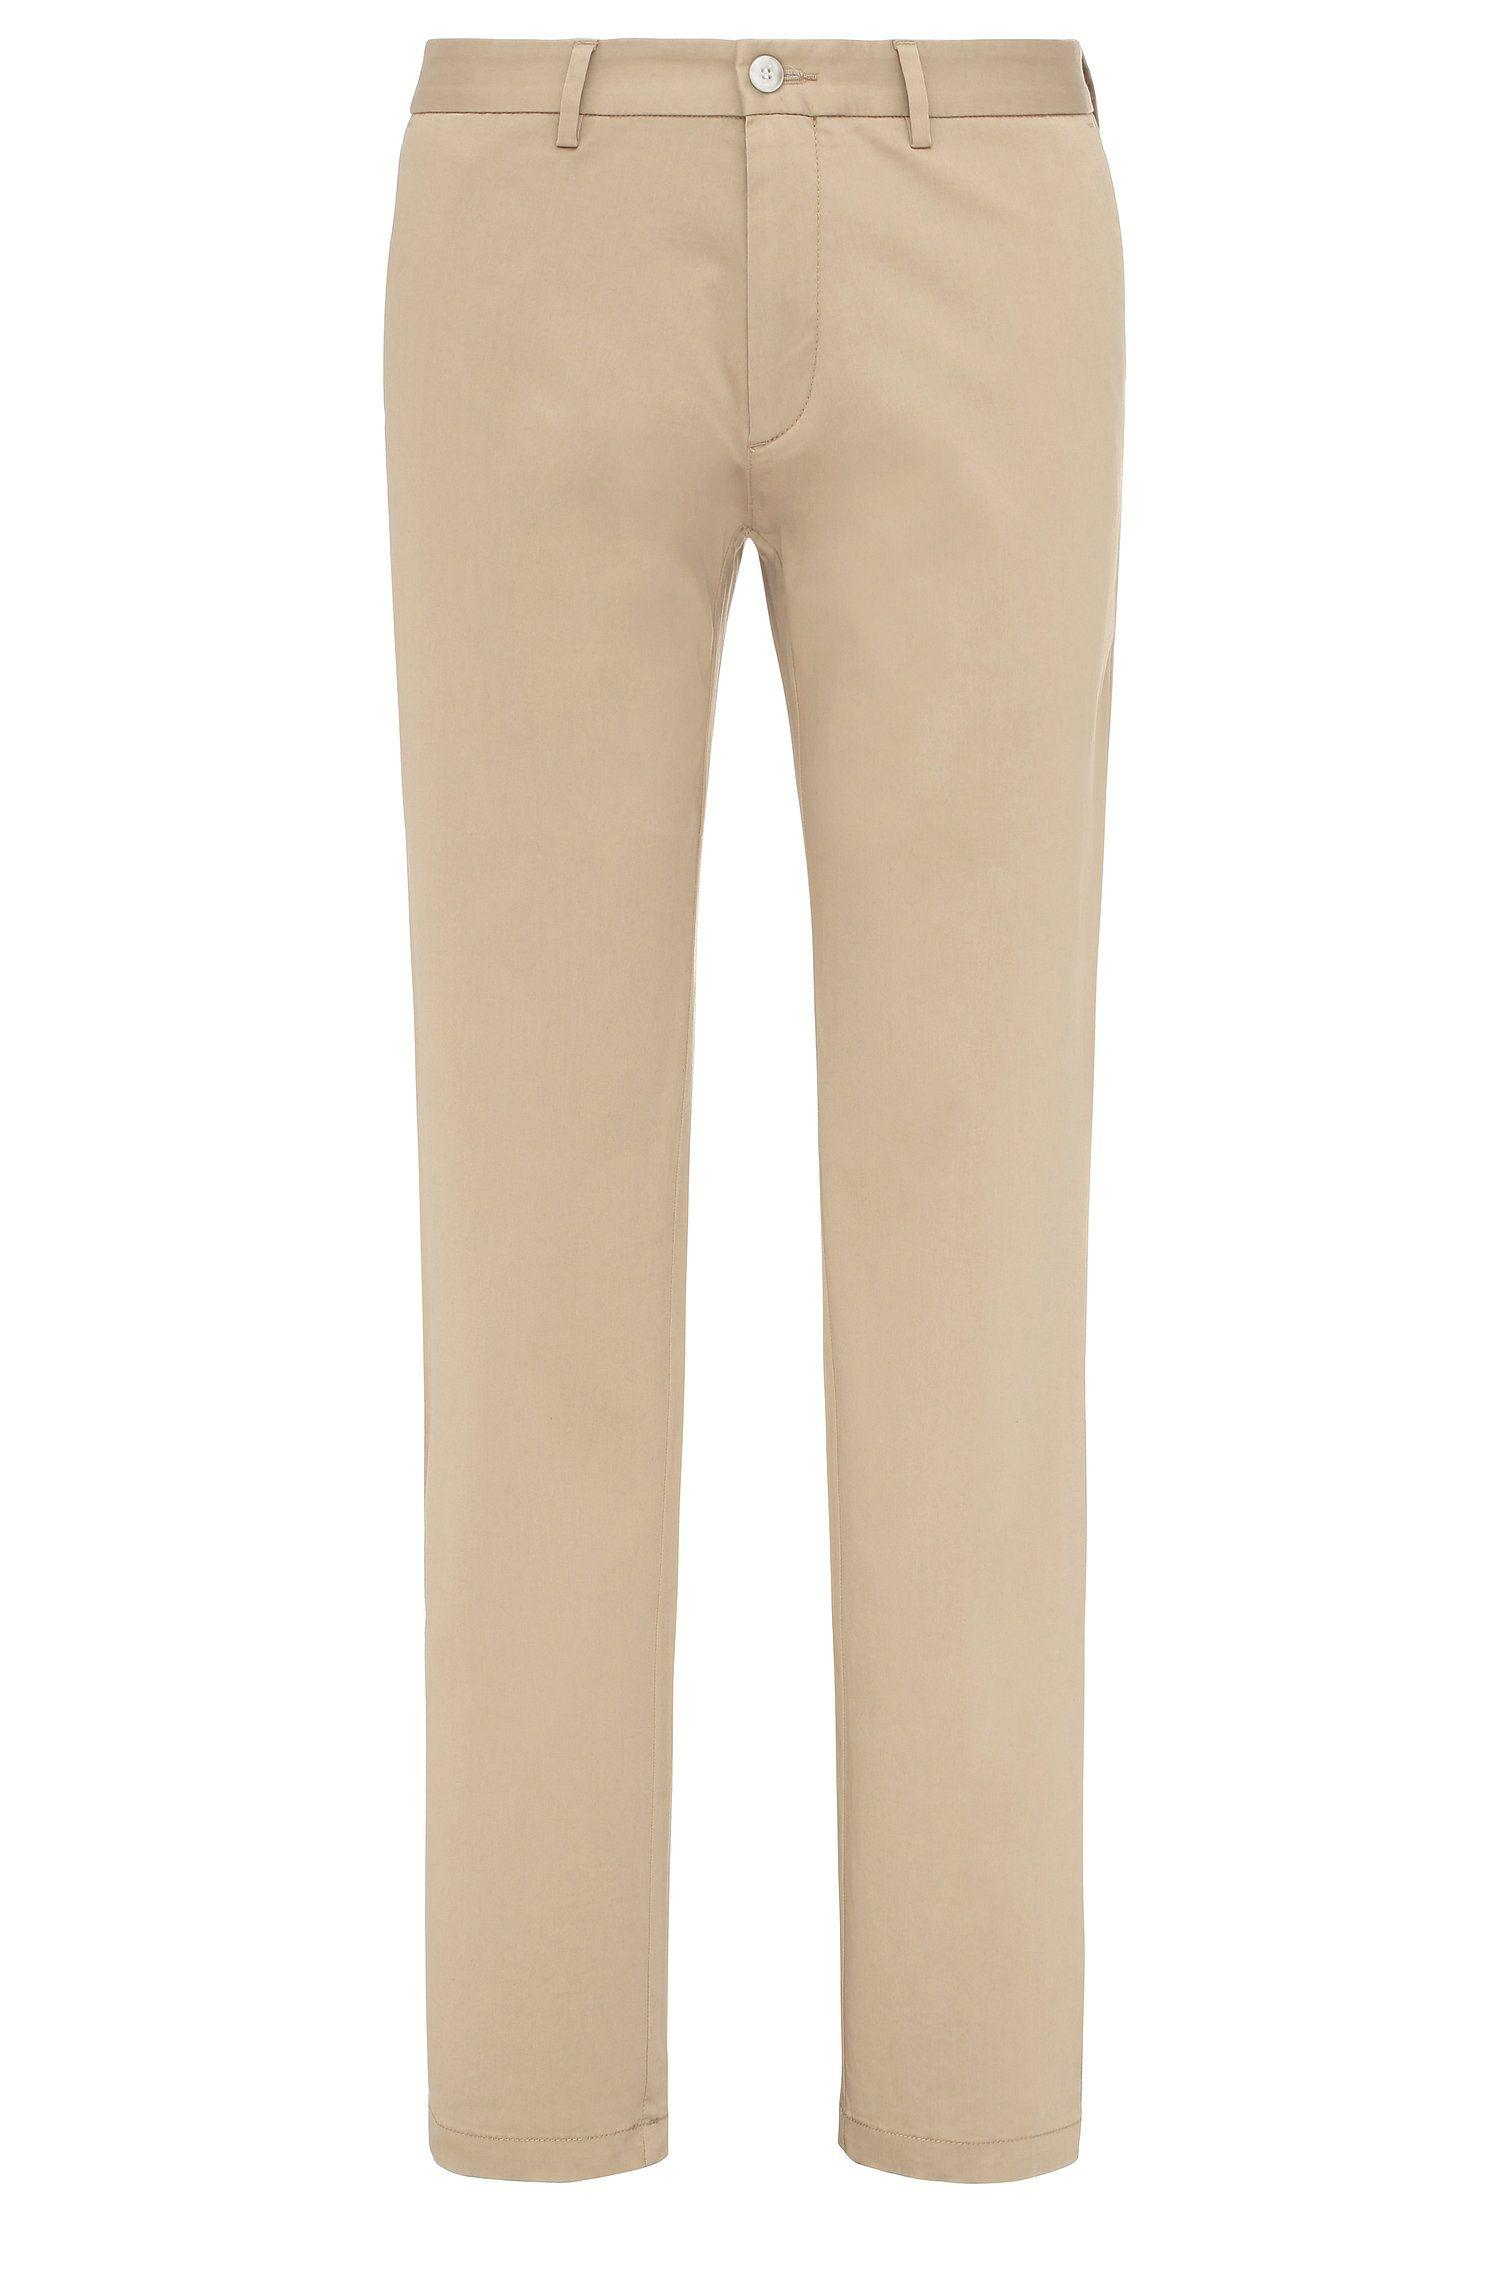 Pantalon Regular Fit en coton extensible: «C-Crigan2-15-W»